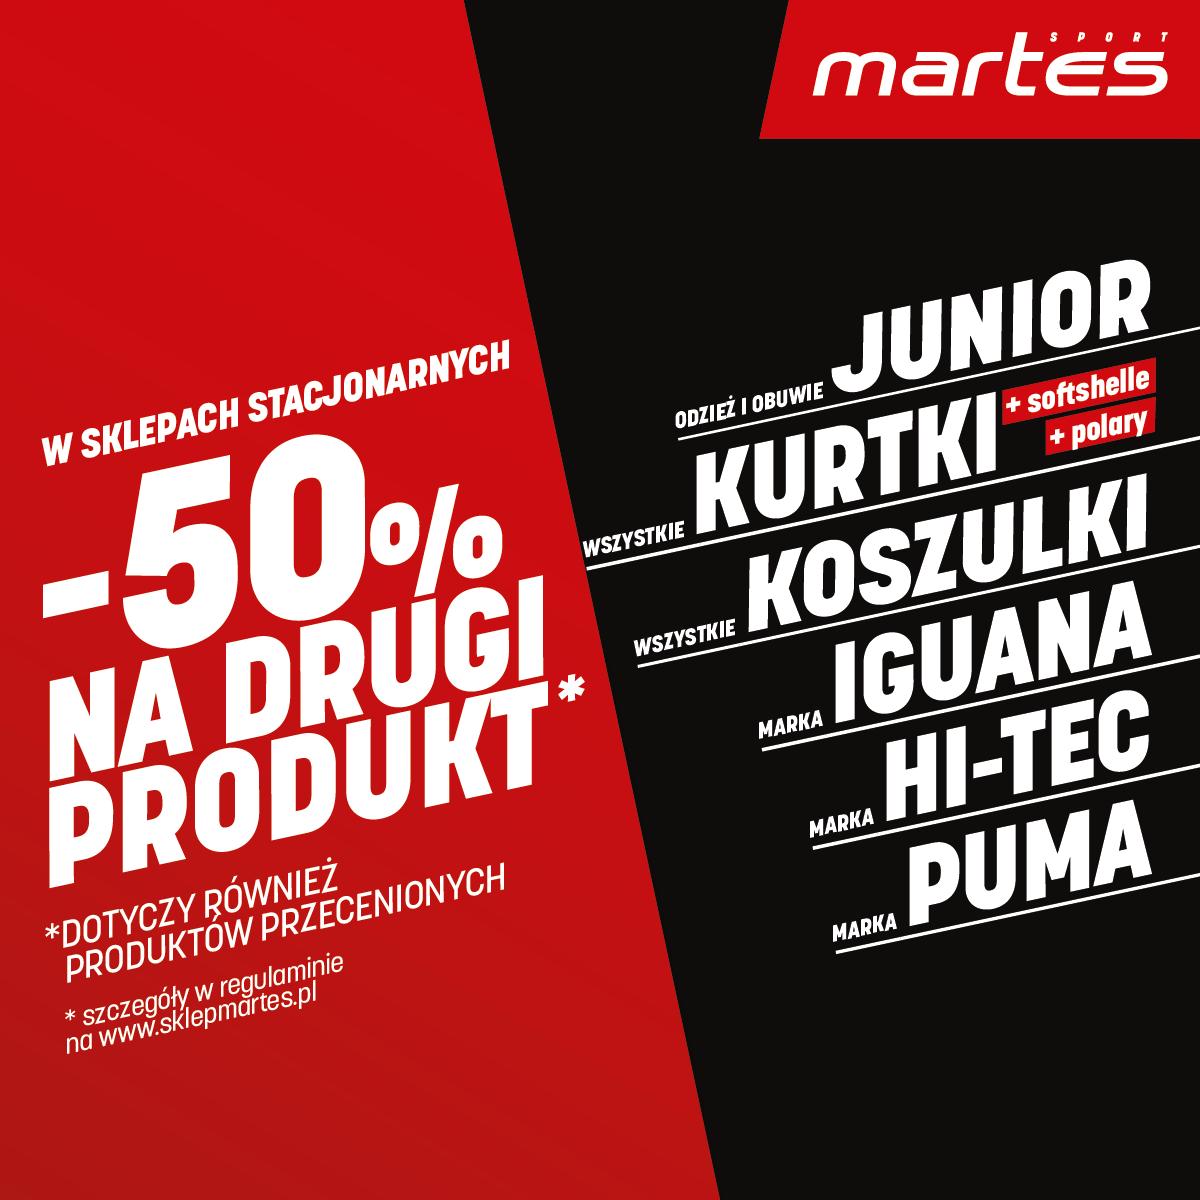 MARTES SPORT: drugi produkt za pół ceny